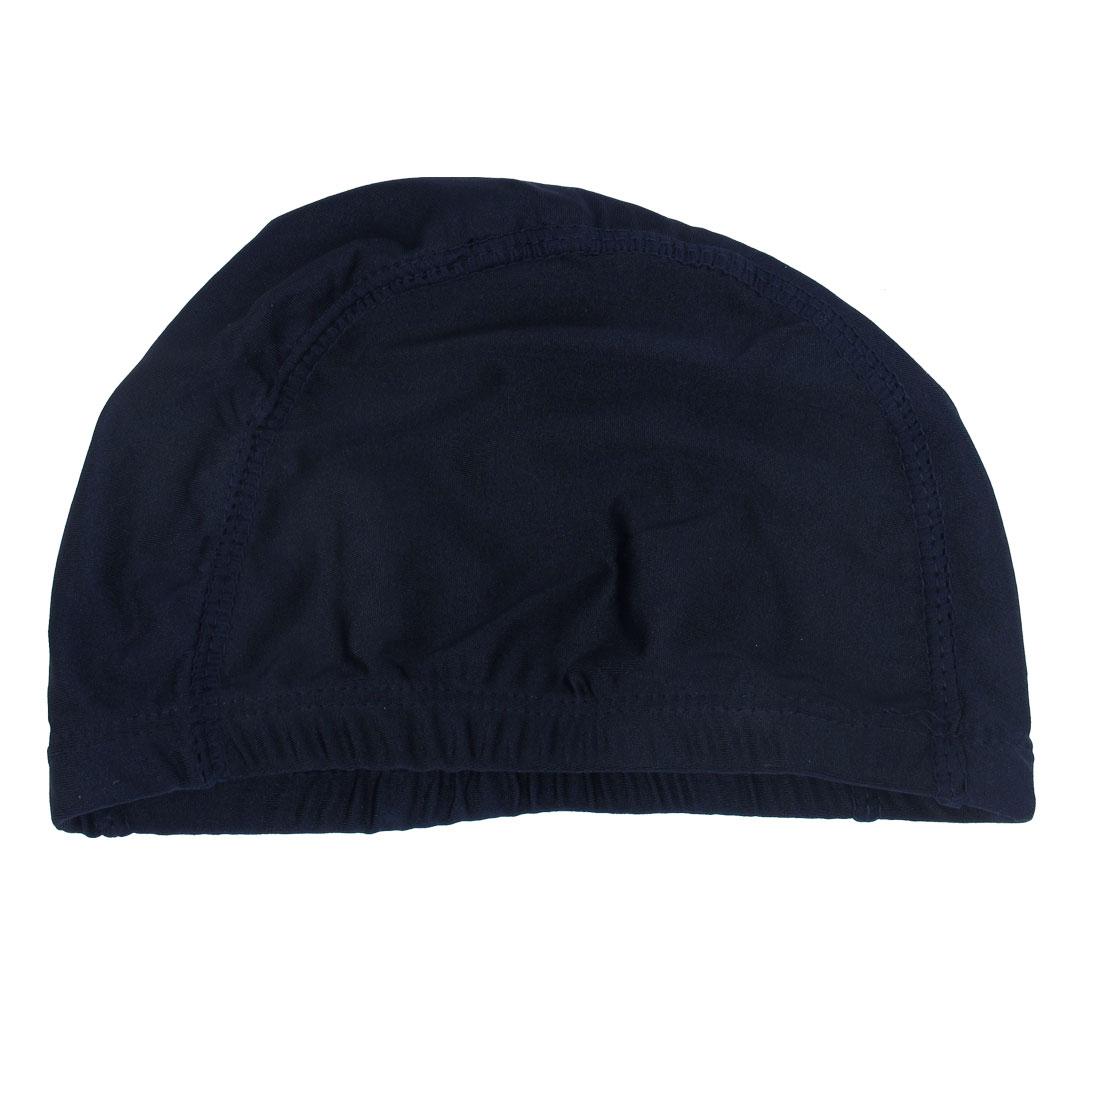 Unique Bargains Woman Man Stretchy Fiber Cotton Cloth Swimming Swimmer Cap Hat Blue by Unique-Bargains